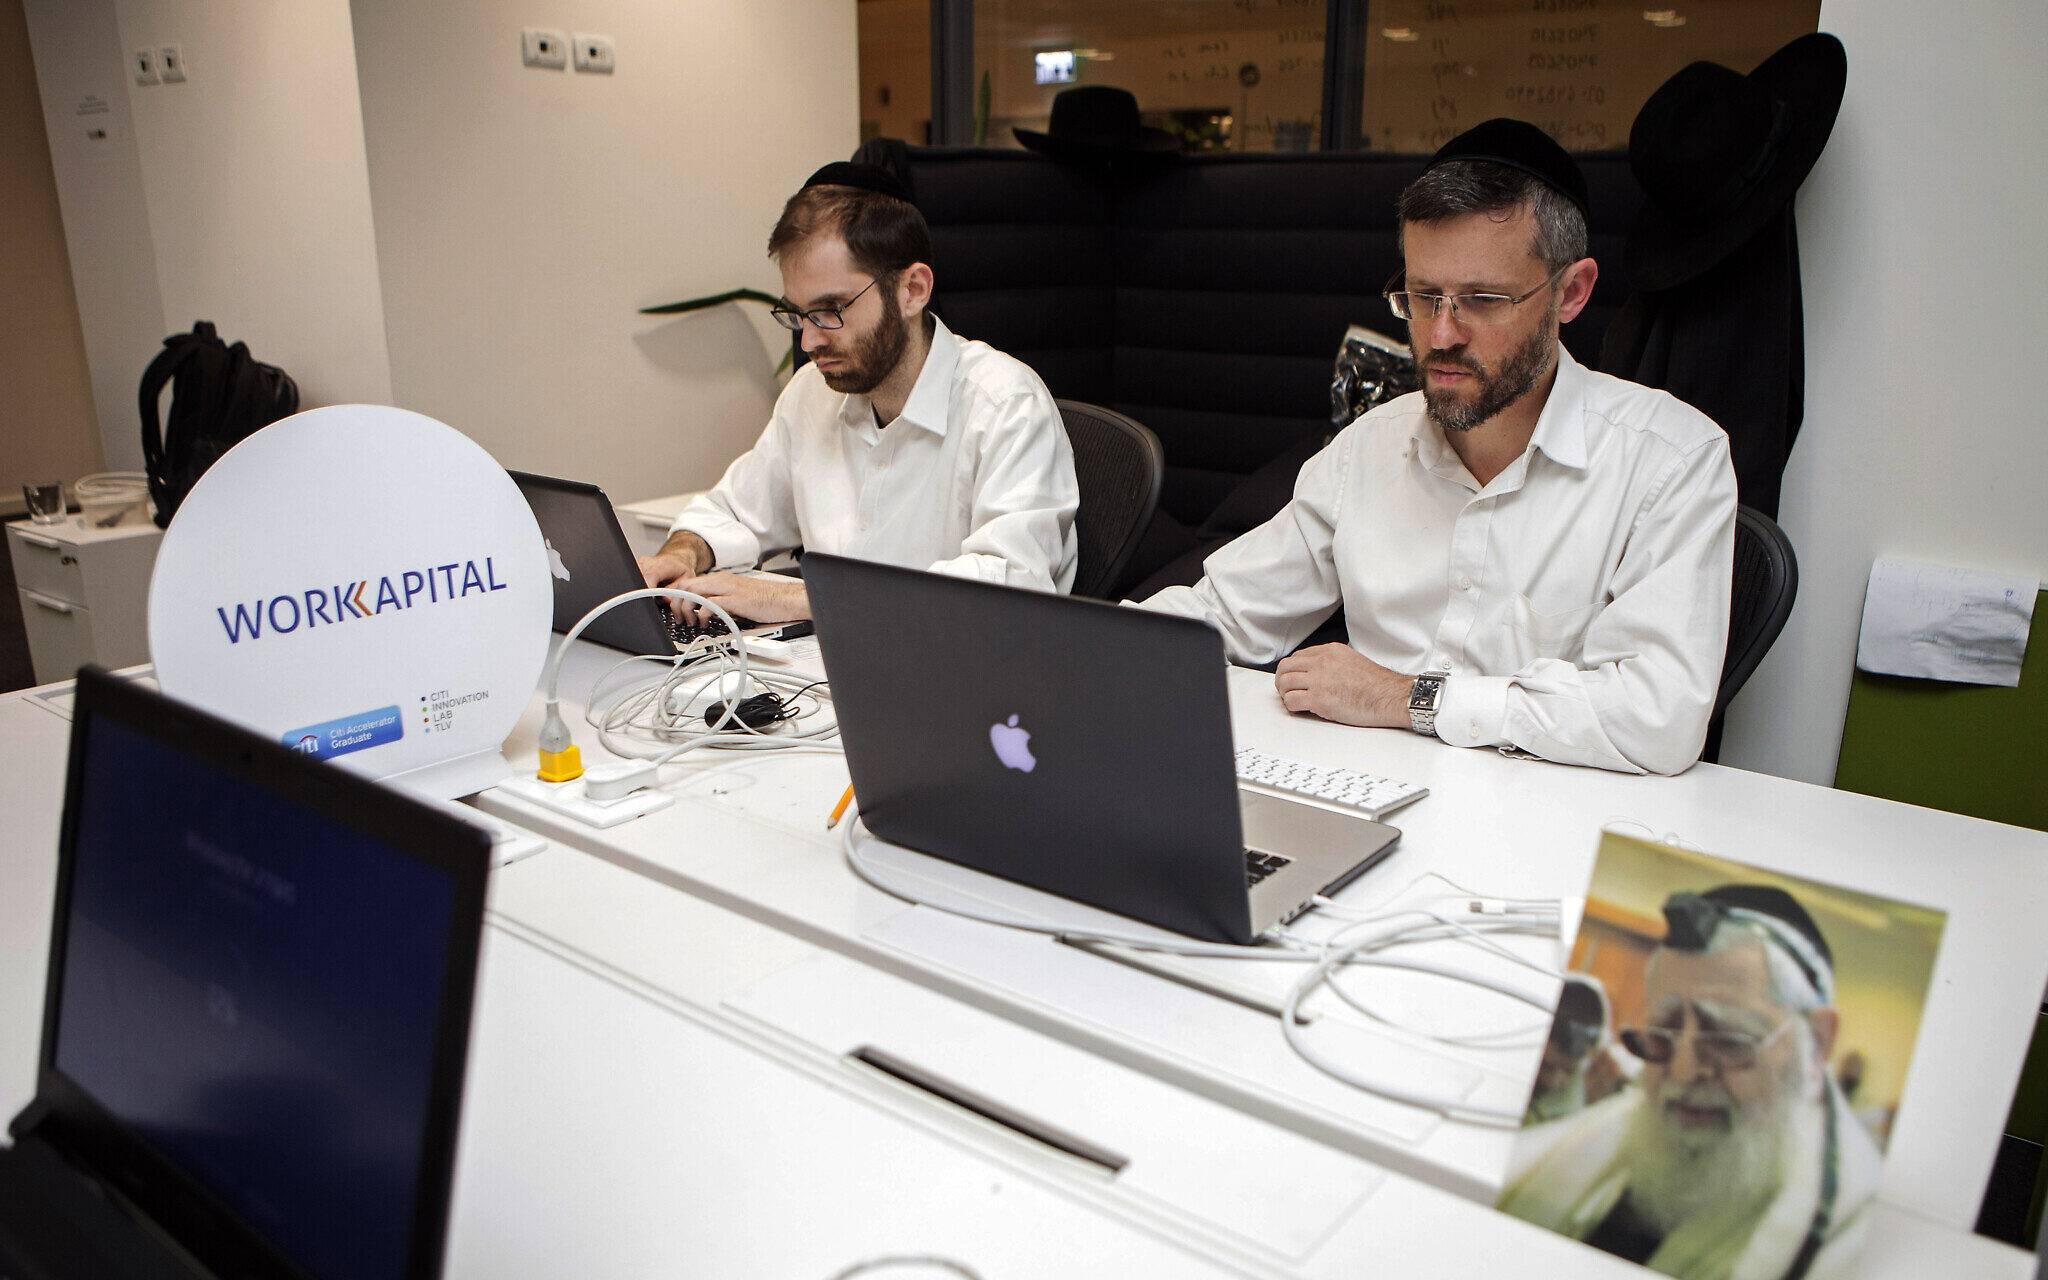 Трудовые мигранты на земле обетованной: как получить легальную работу в израиле — urhelp.guru